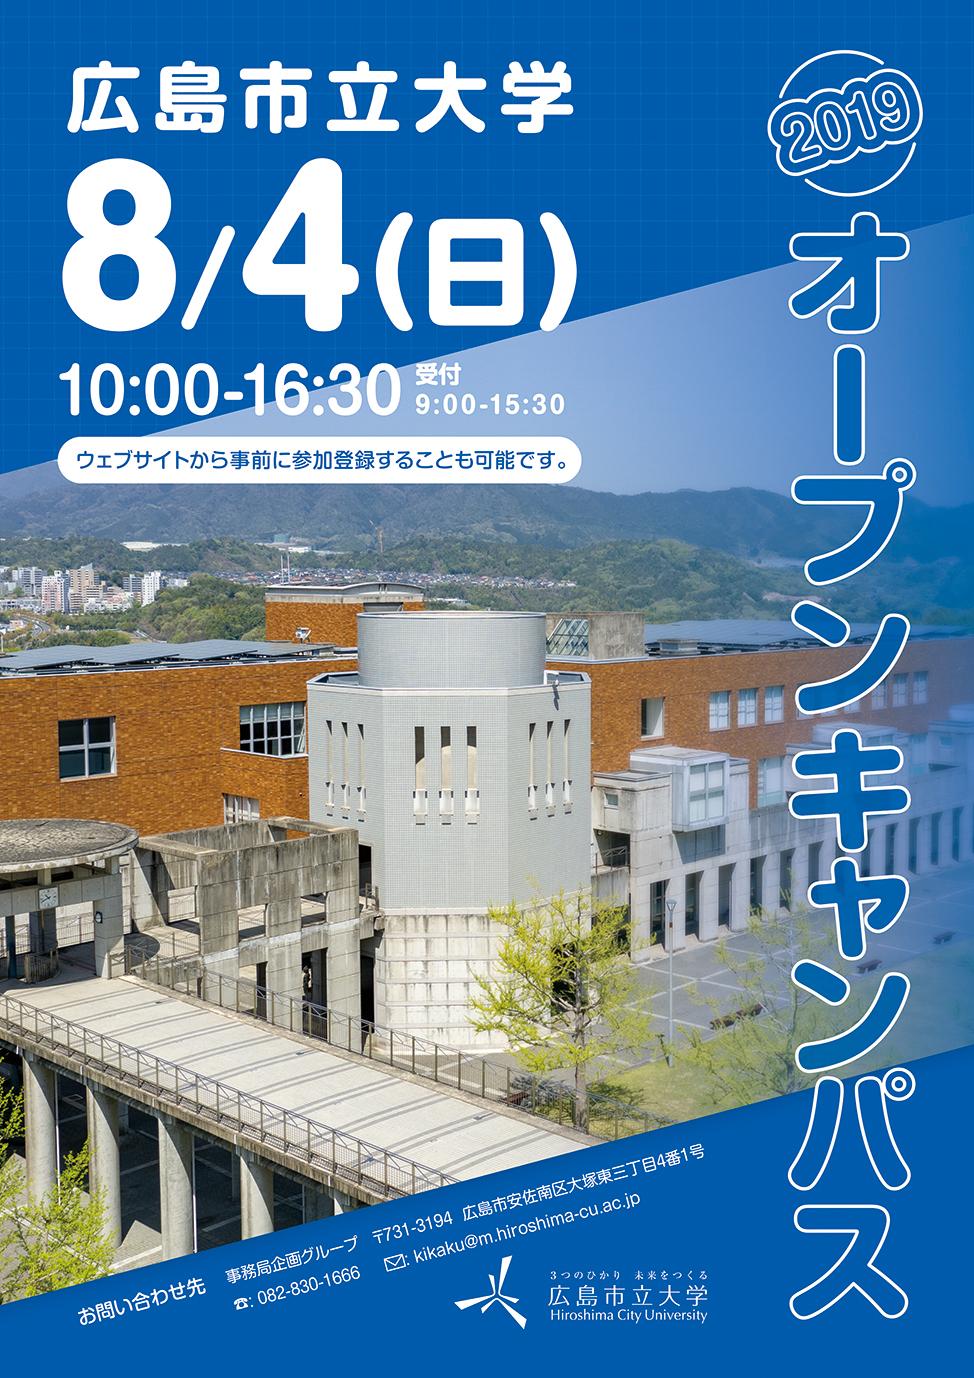 広島バスセンター B1ポスター 2種類目